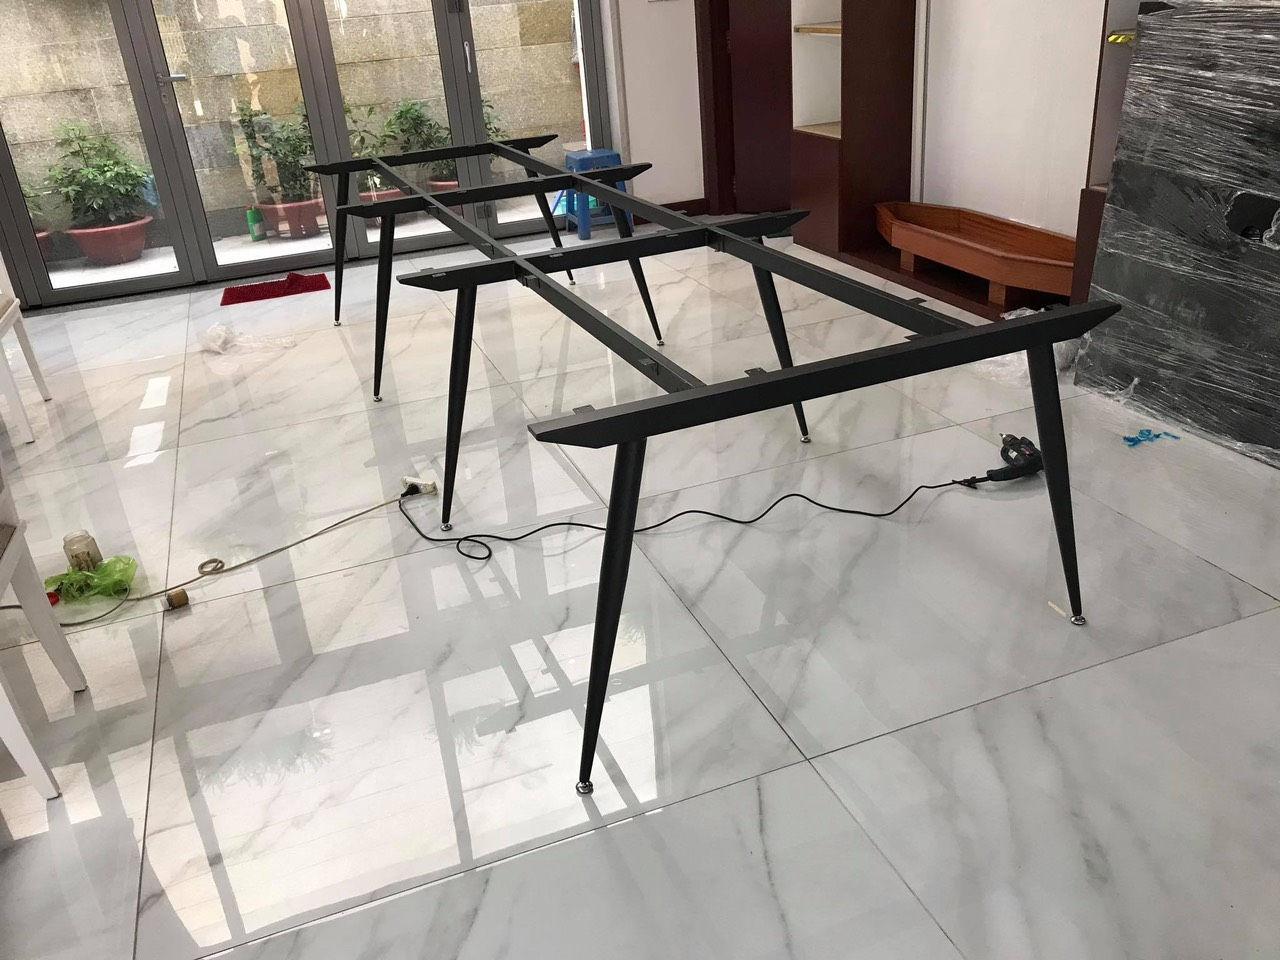 Chân bàn cụm 6 sắt vuốt côn